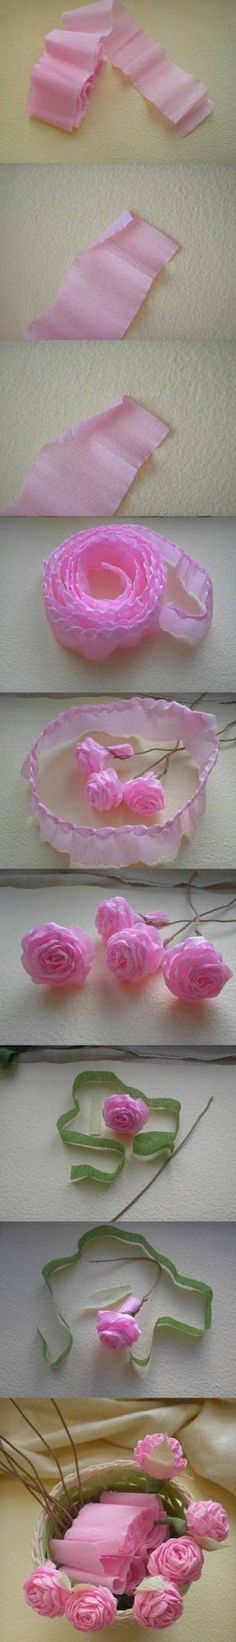 rosas de papel crepé